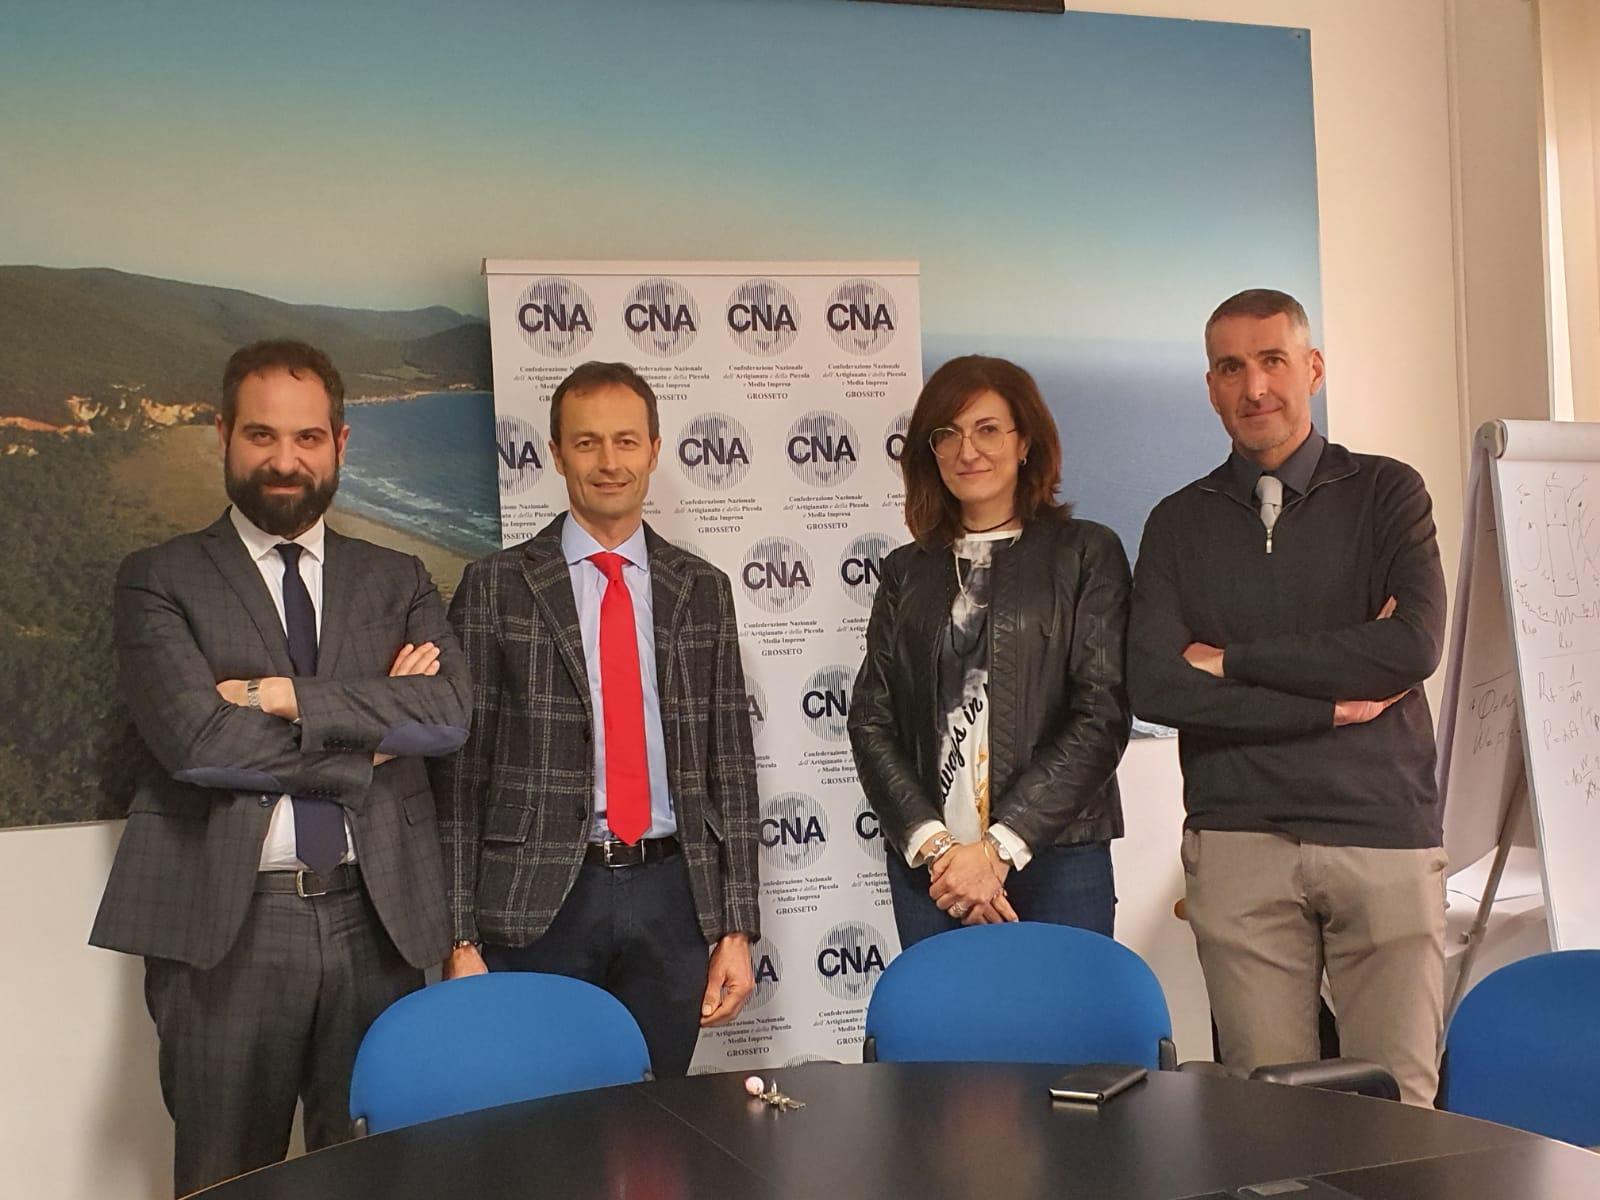 Cna insieme a Navigo per fornire consulenza specializzata alle imprese della nautica